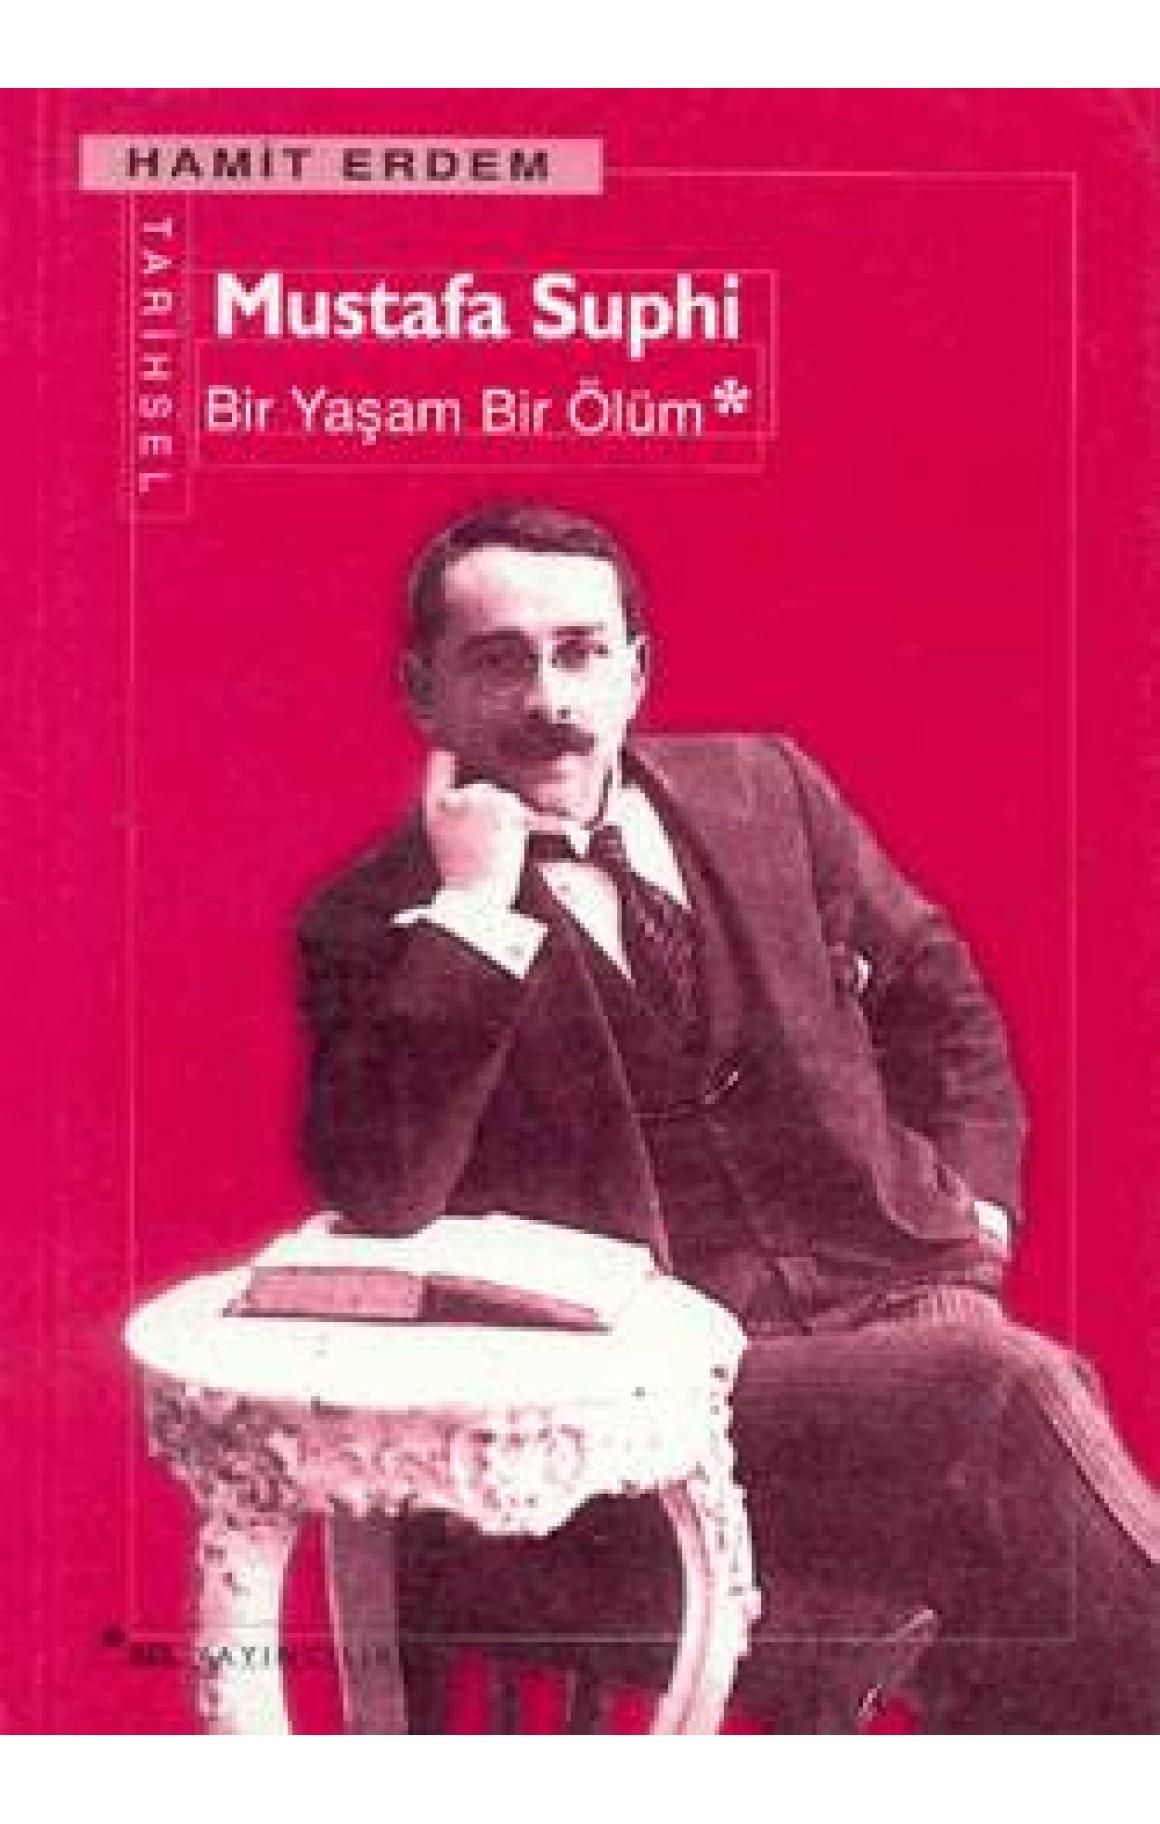 Mustafa Suphi - Bir Yaşam Bir Ölüm